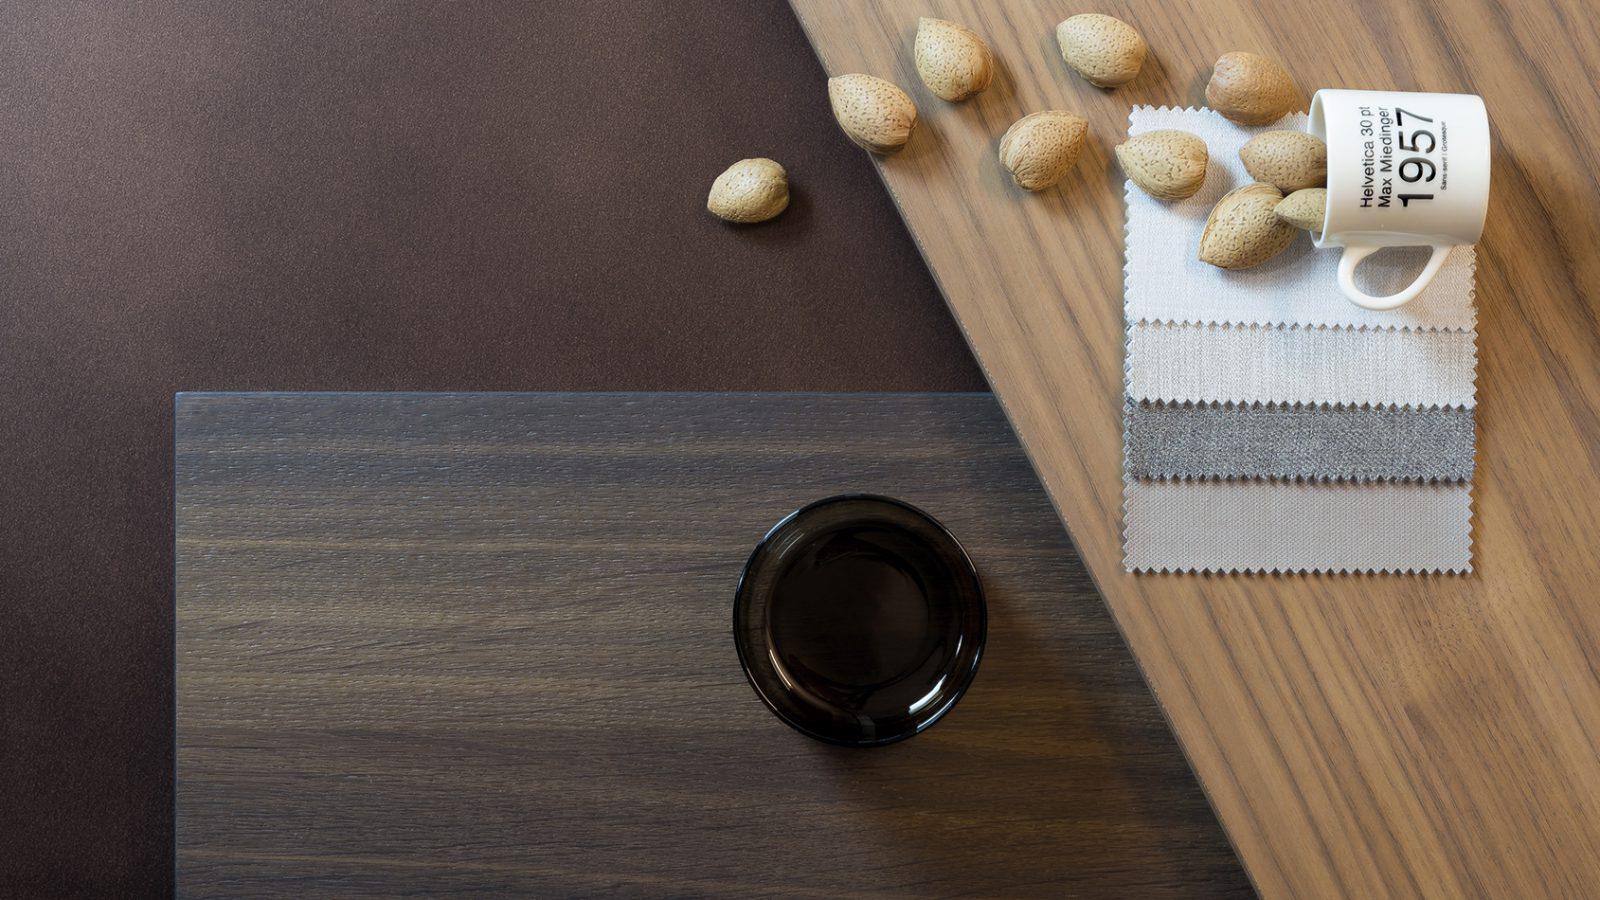 Ante in Vero legno per Cucina